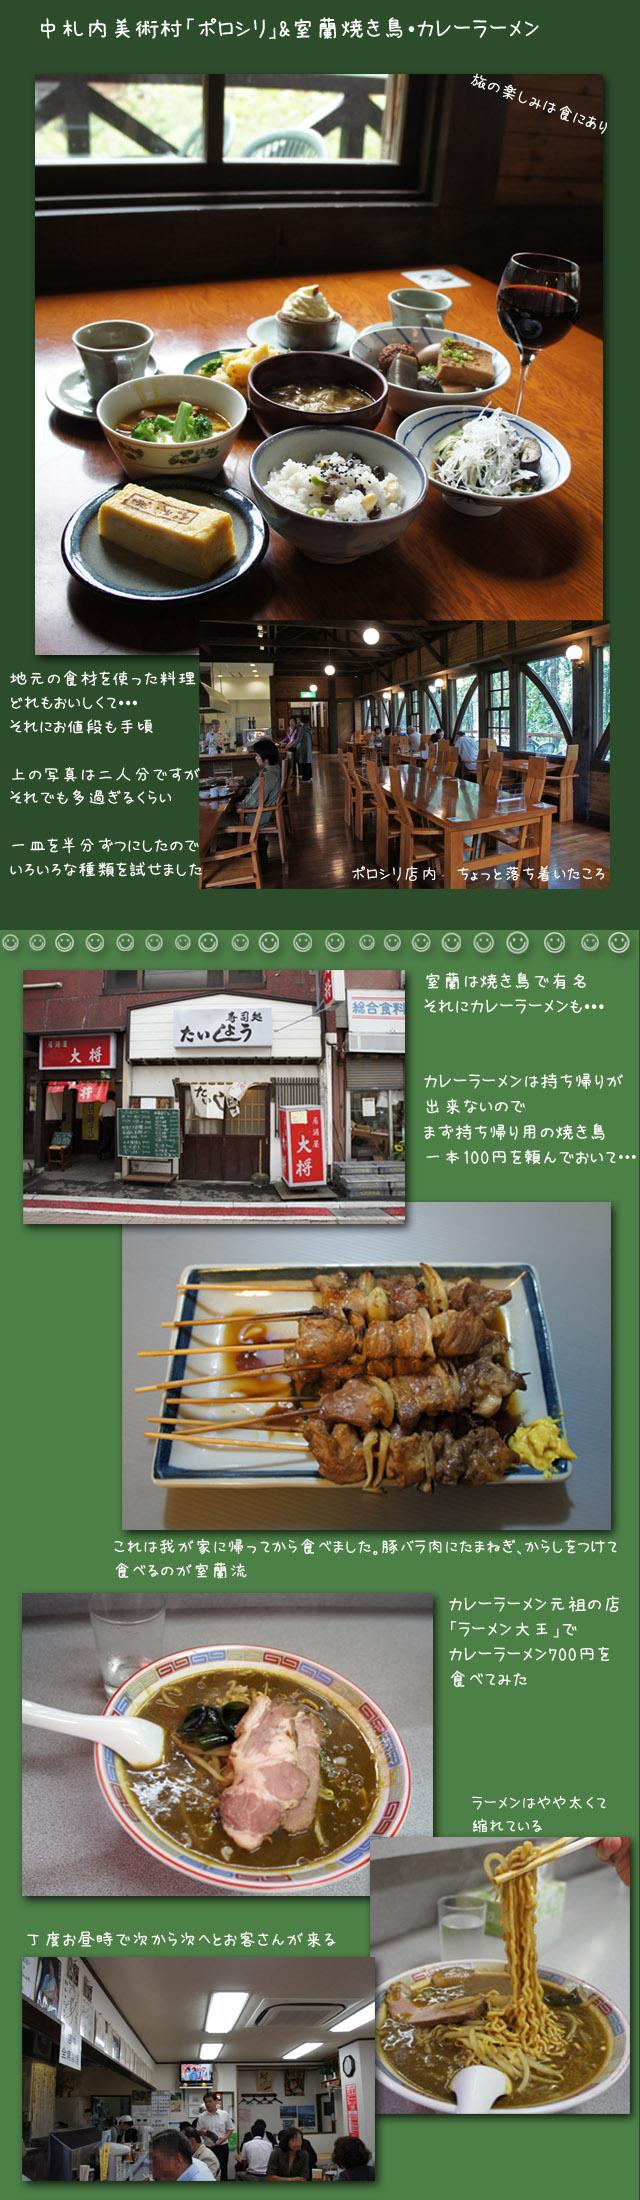 名物の食べ物行脚(帯広・豚丼 室蘭・焼き鳥・カレーラーメン)_b0019313_1751840.jpg